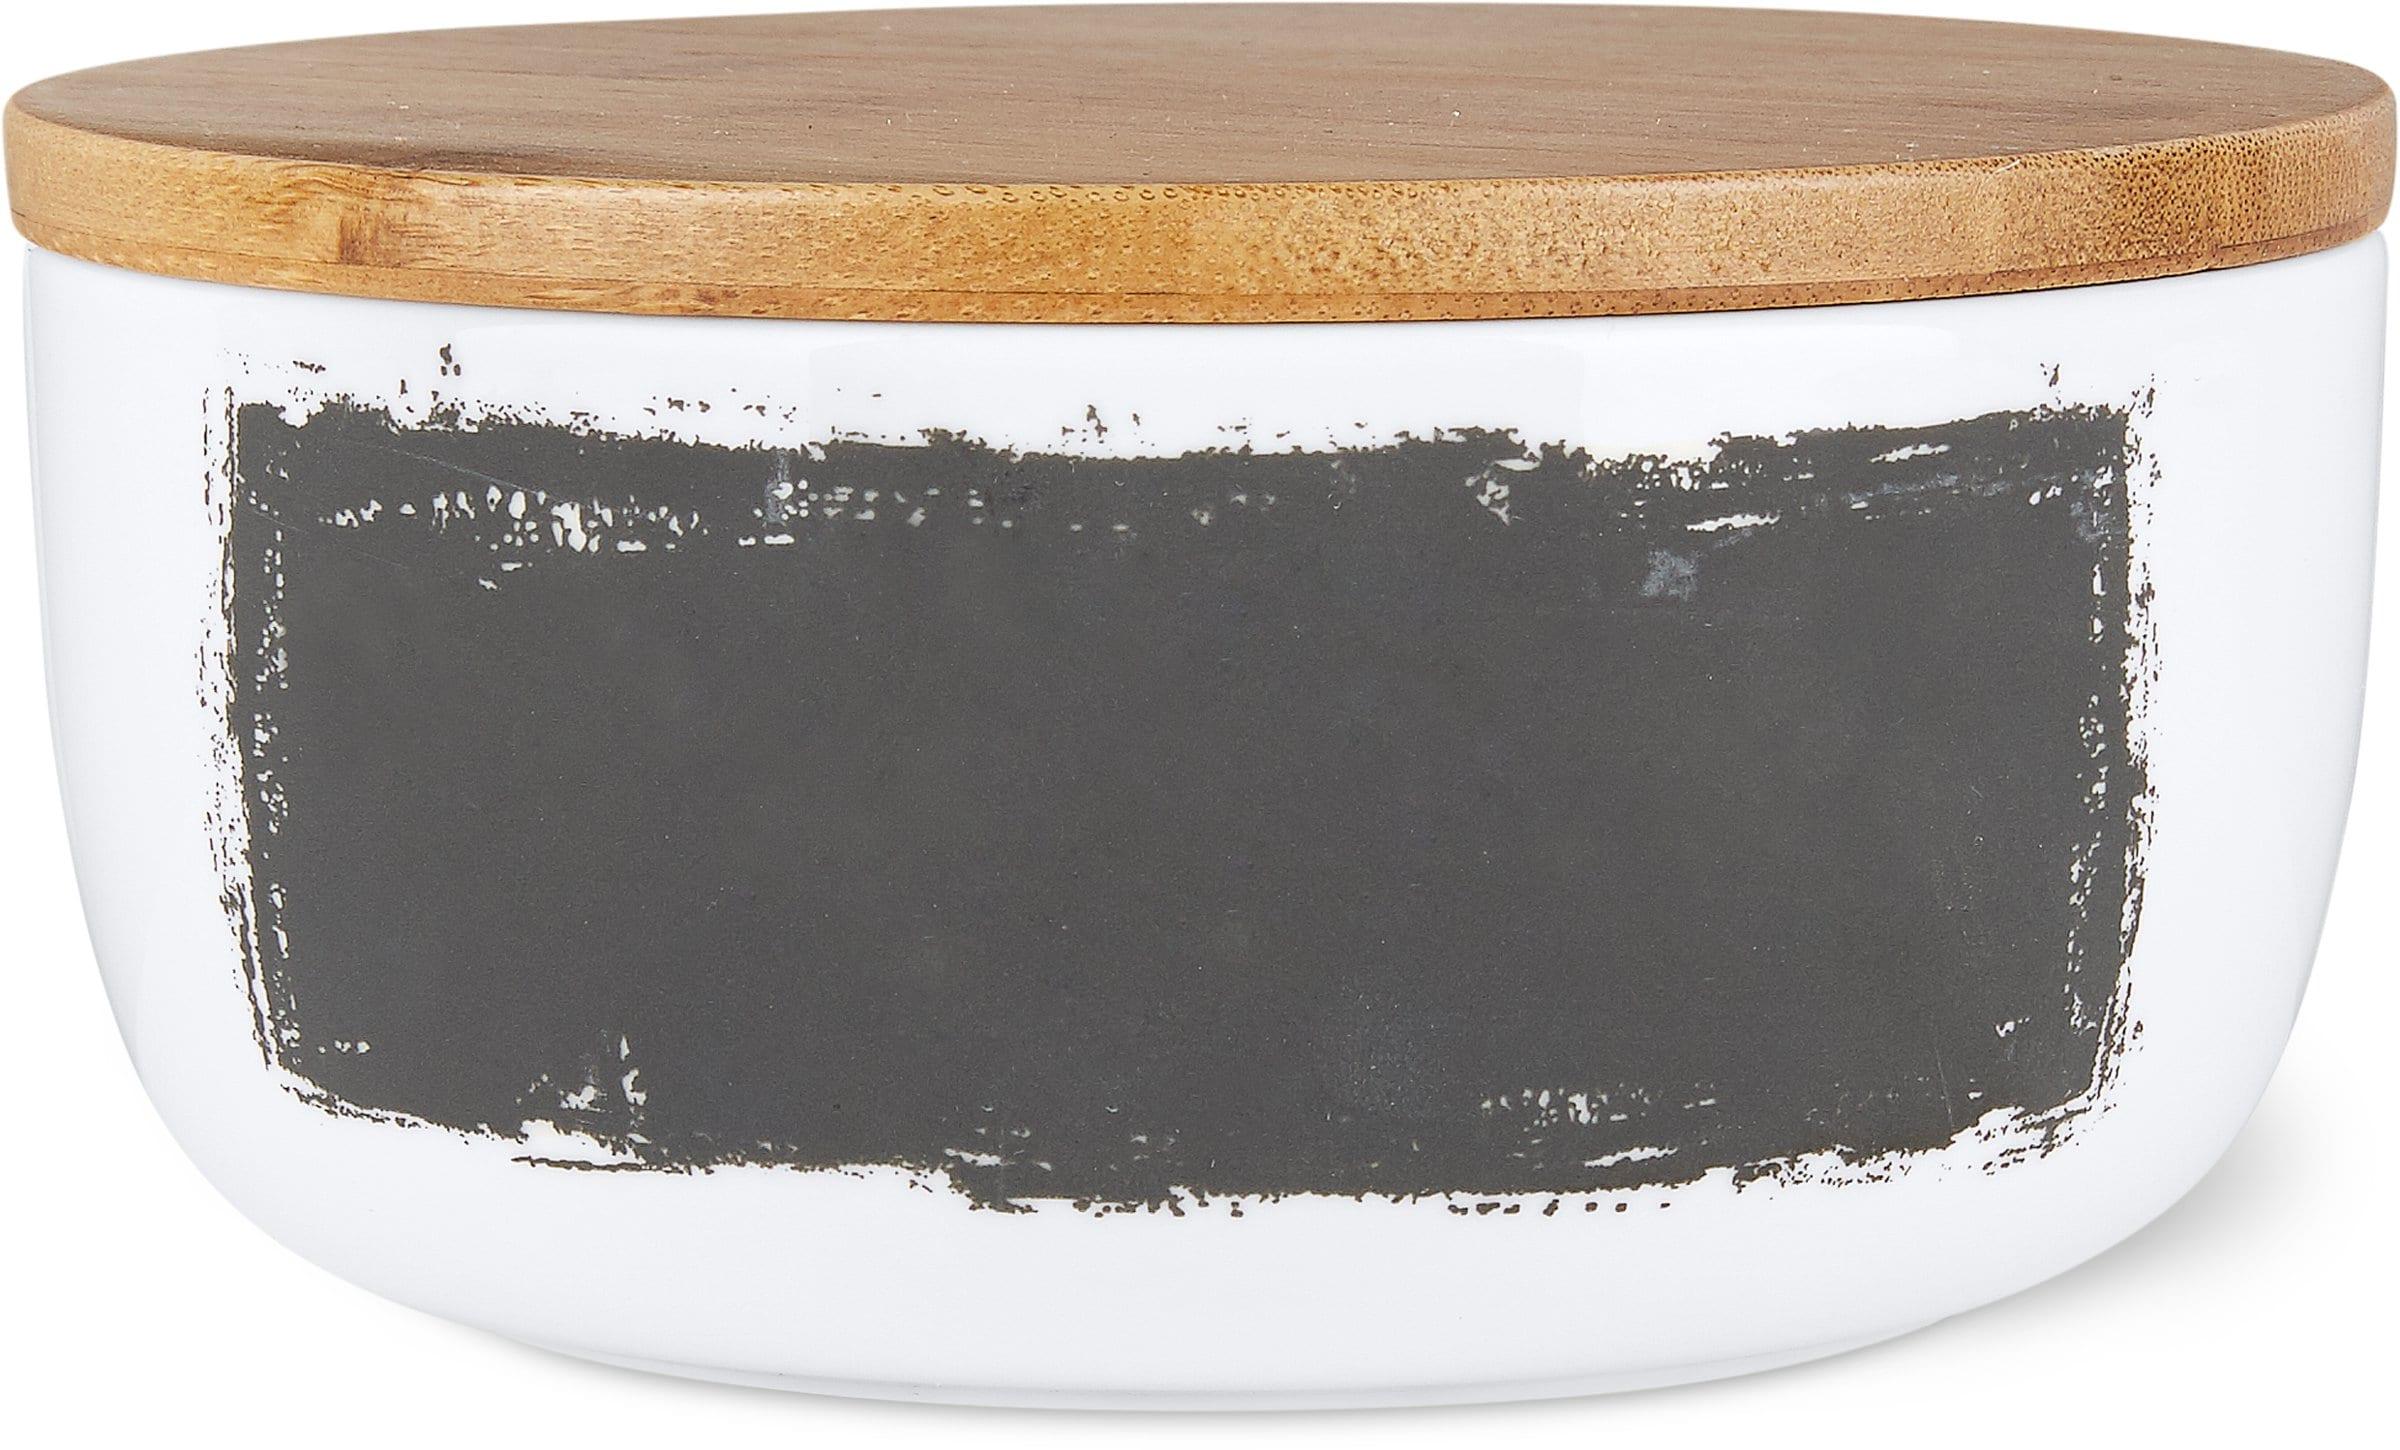 Cucina & Tavola Vorratsdose flach